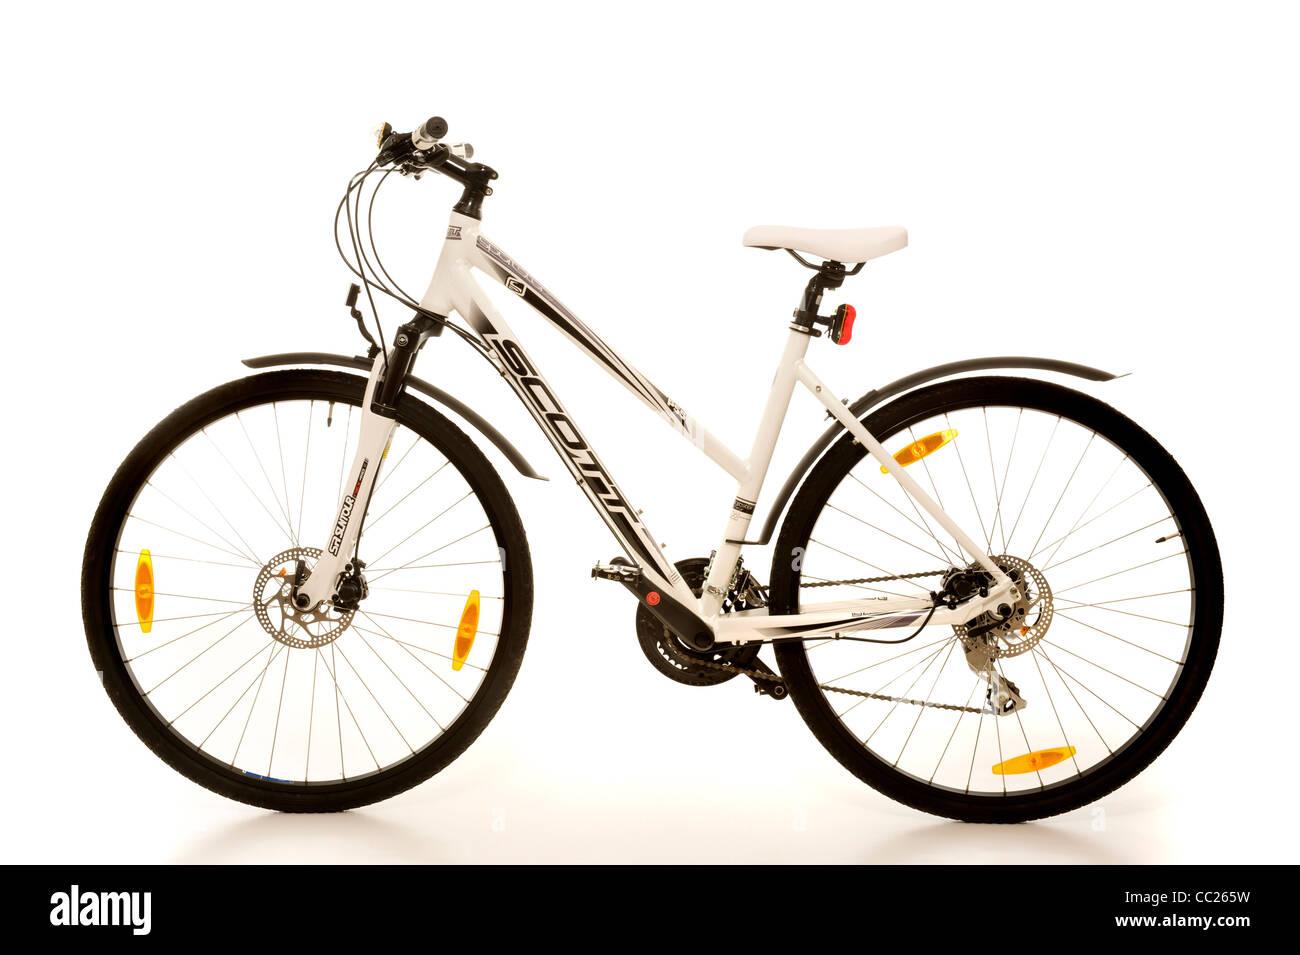 White studio photo of ladies mountain/road hybrid bike - Stock Image